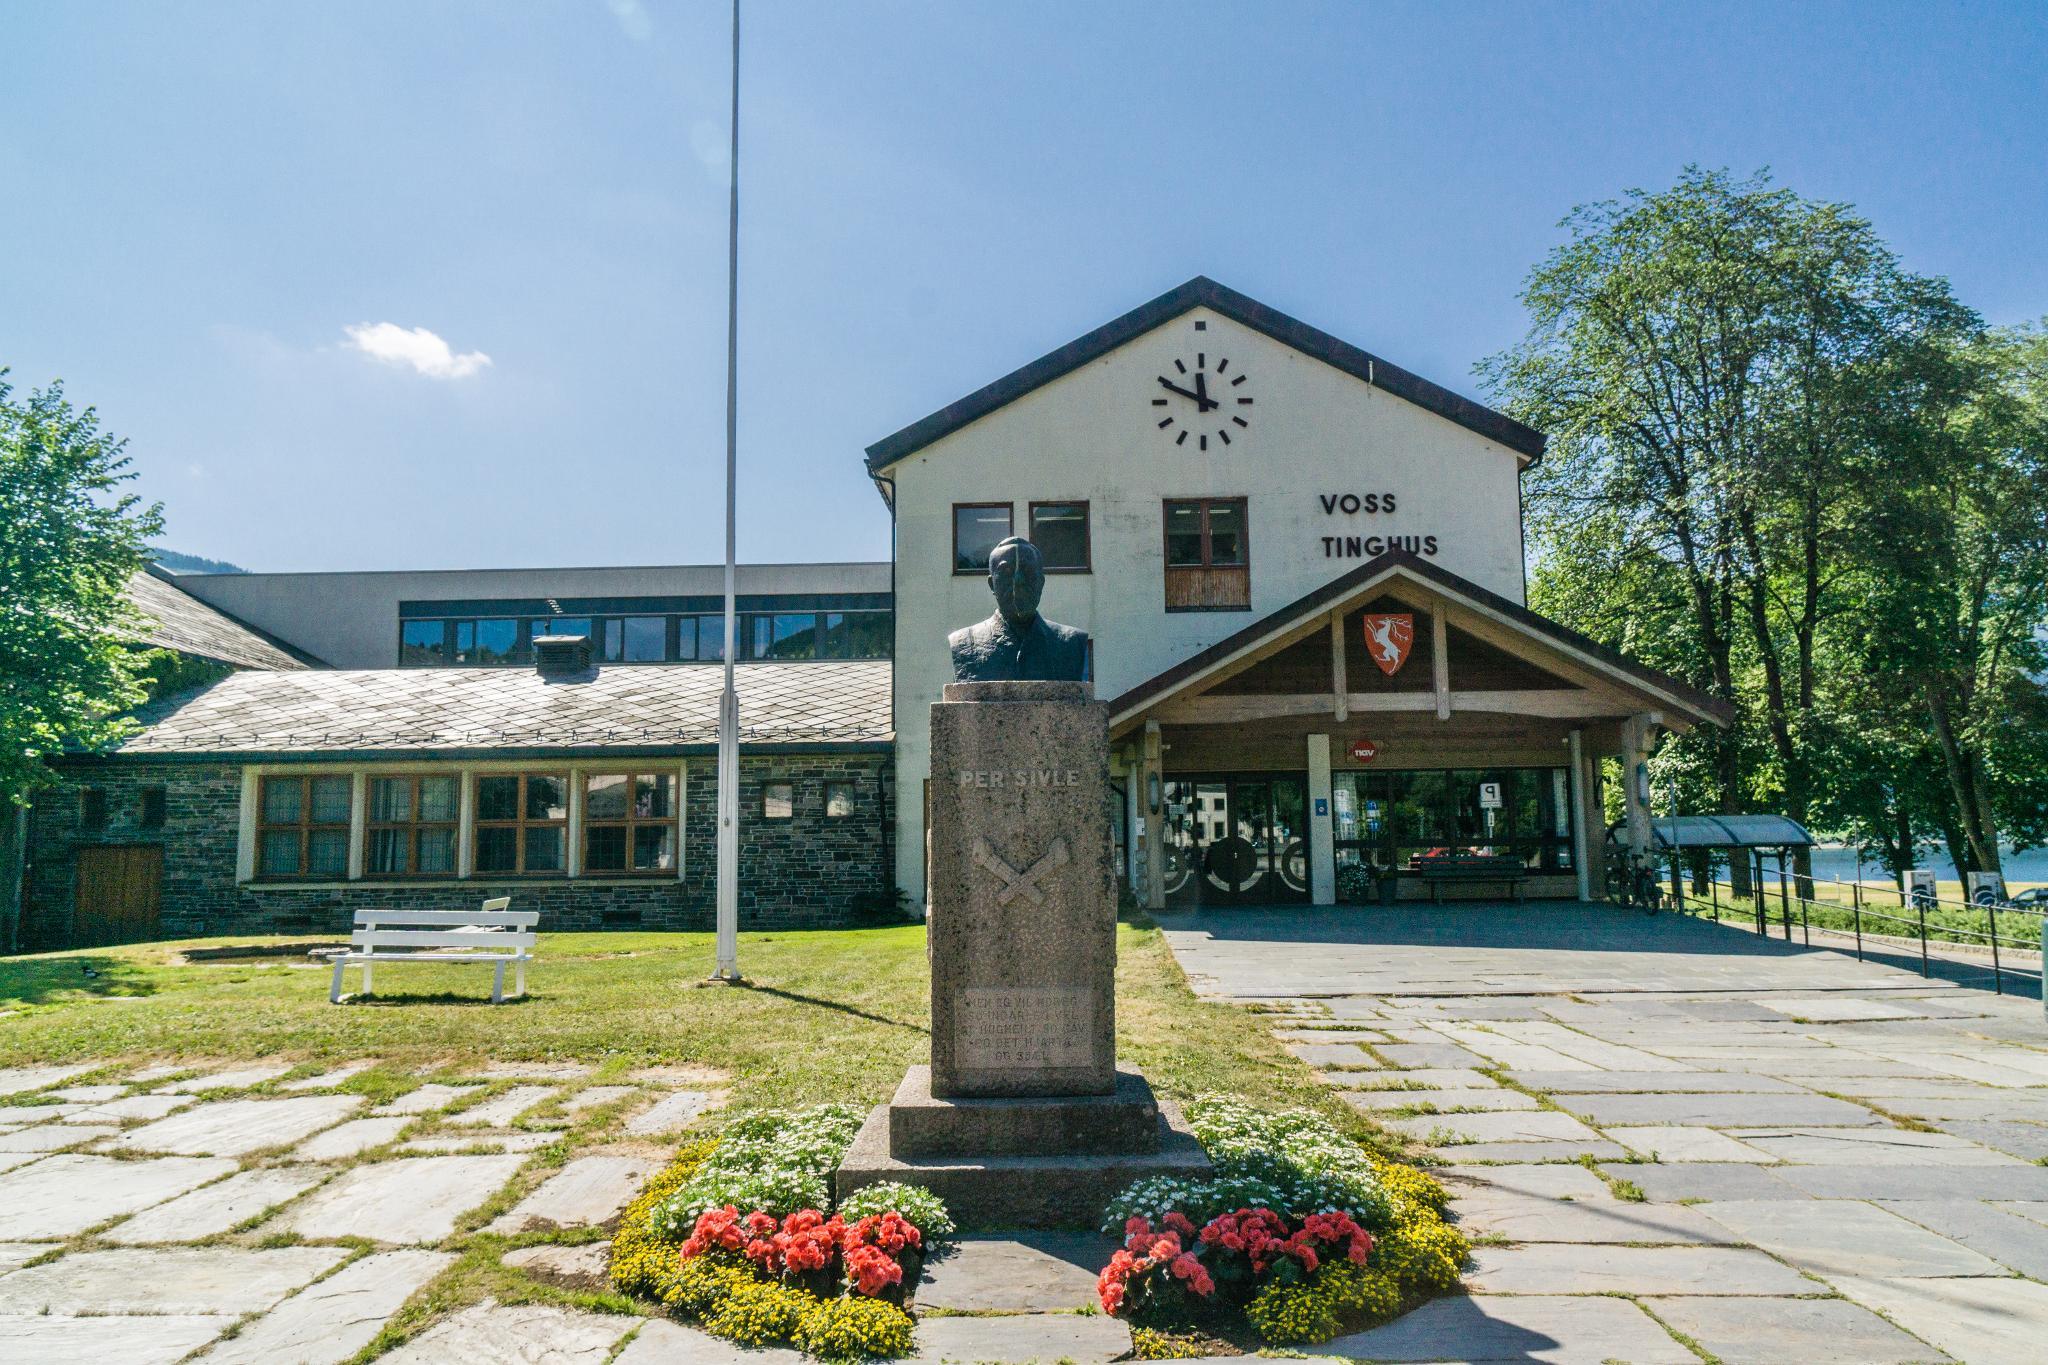 【北歐景點】挪威VOSS小鎮 — 探訪世界最純淨泉水產地 7